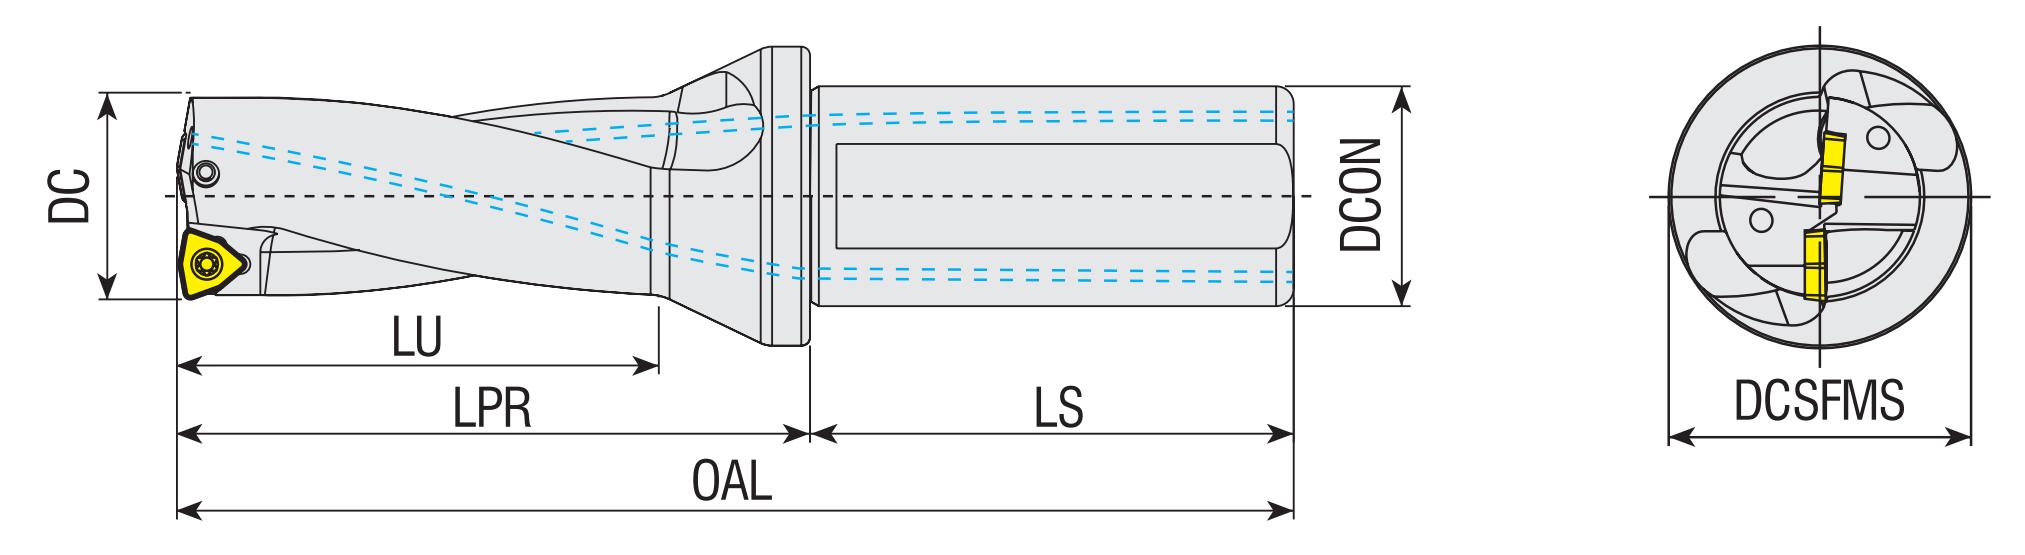 Vollbohrer 2xD mit Innenkühlung für WCMT